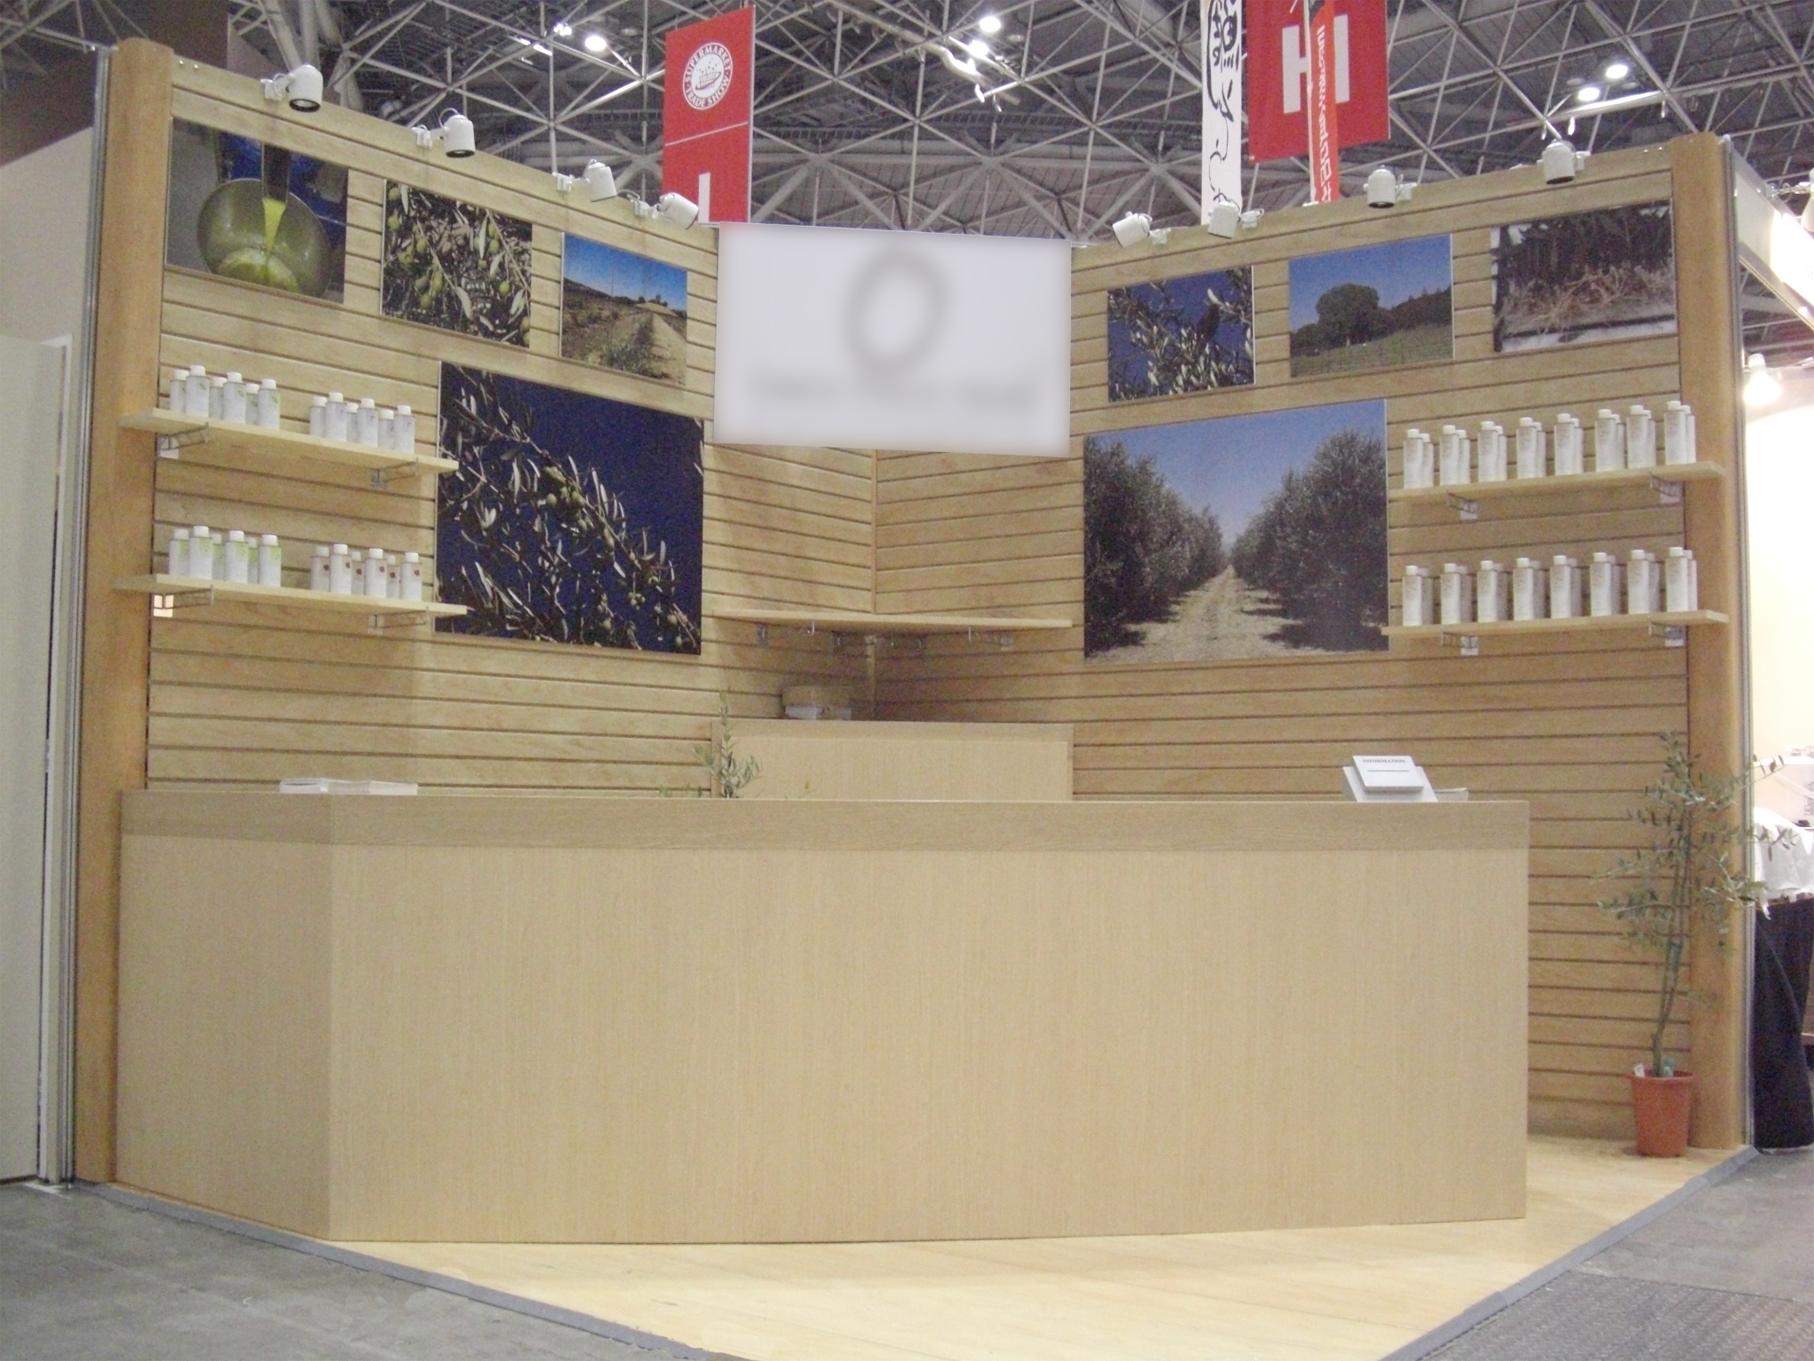 第45回スーパーマーケット・トレードショー2011 東京ビッグサイト / 小間(3Mx3M)